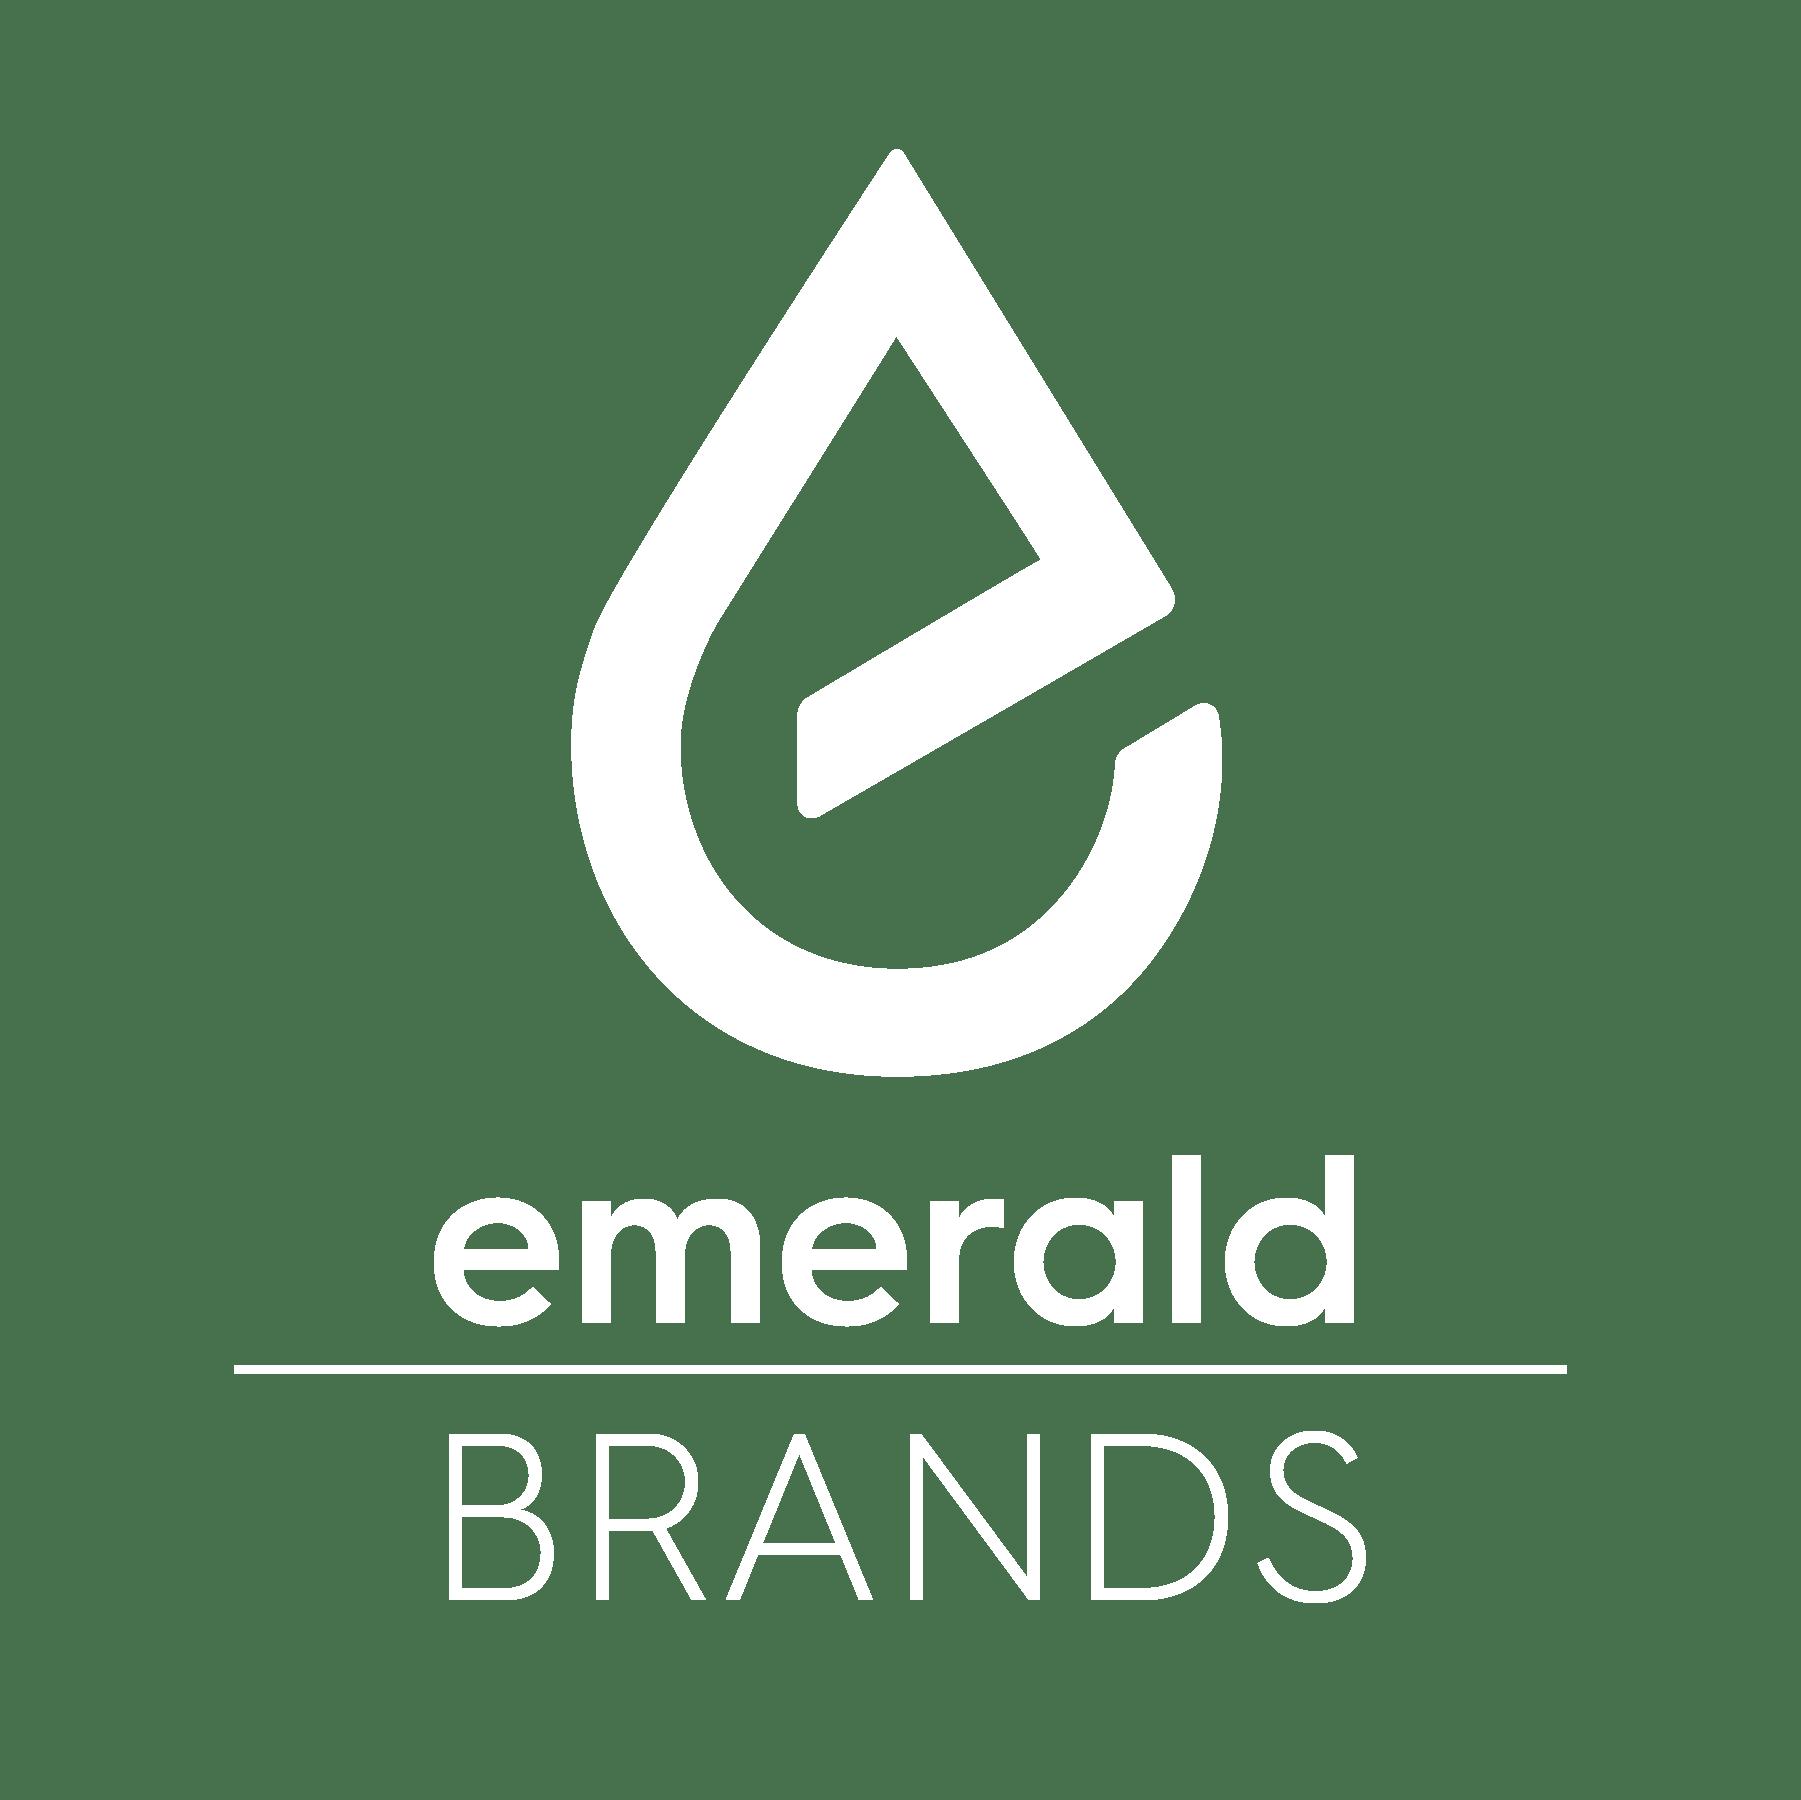 Emerald brands white 01